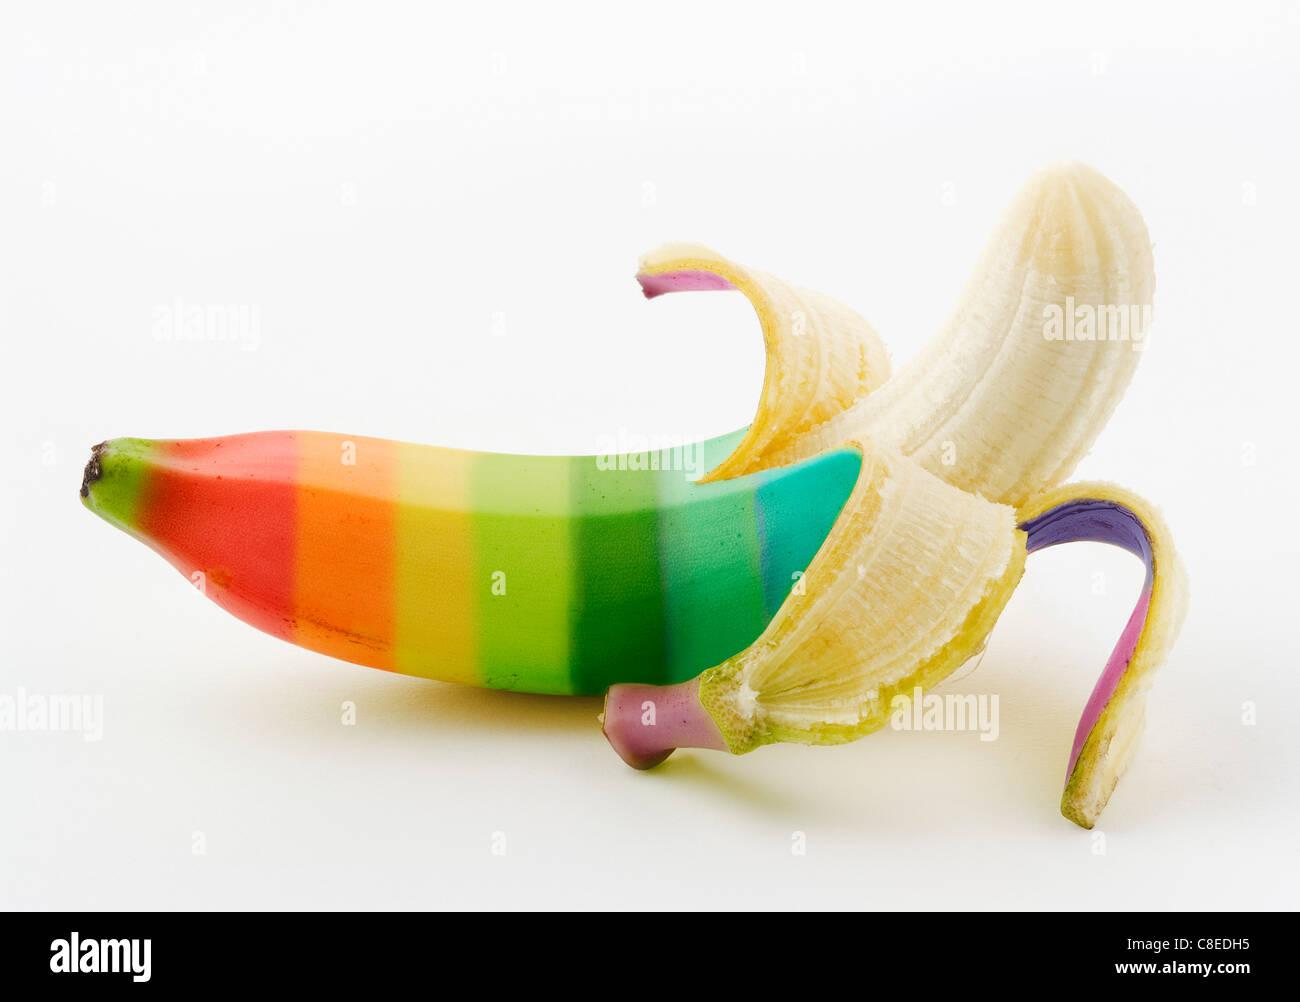 Banane multicolore Photo Stock